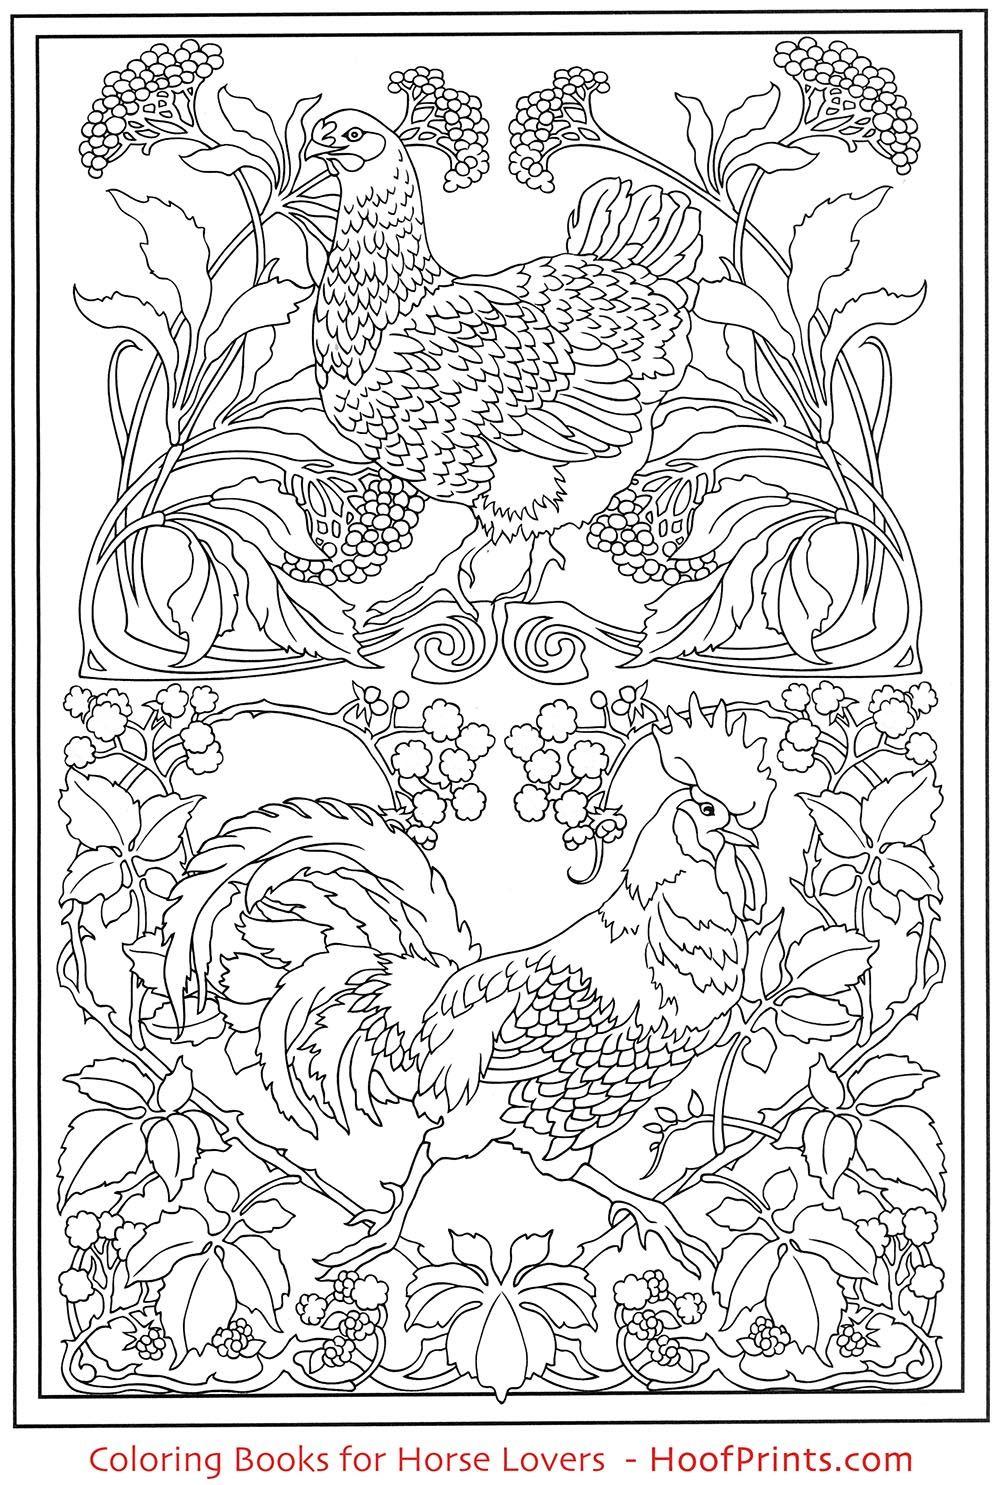 Art Nouveau Animal Designs Coloring Book Www Hoofprints Com Animal Coloring Pages Designs Coloring Books Coloring Pages